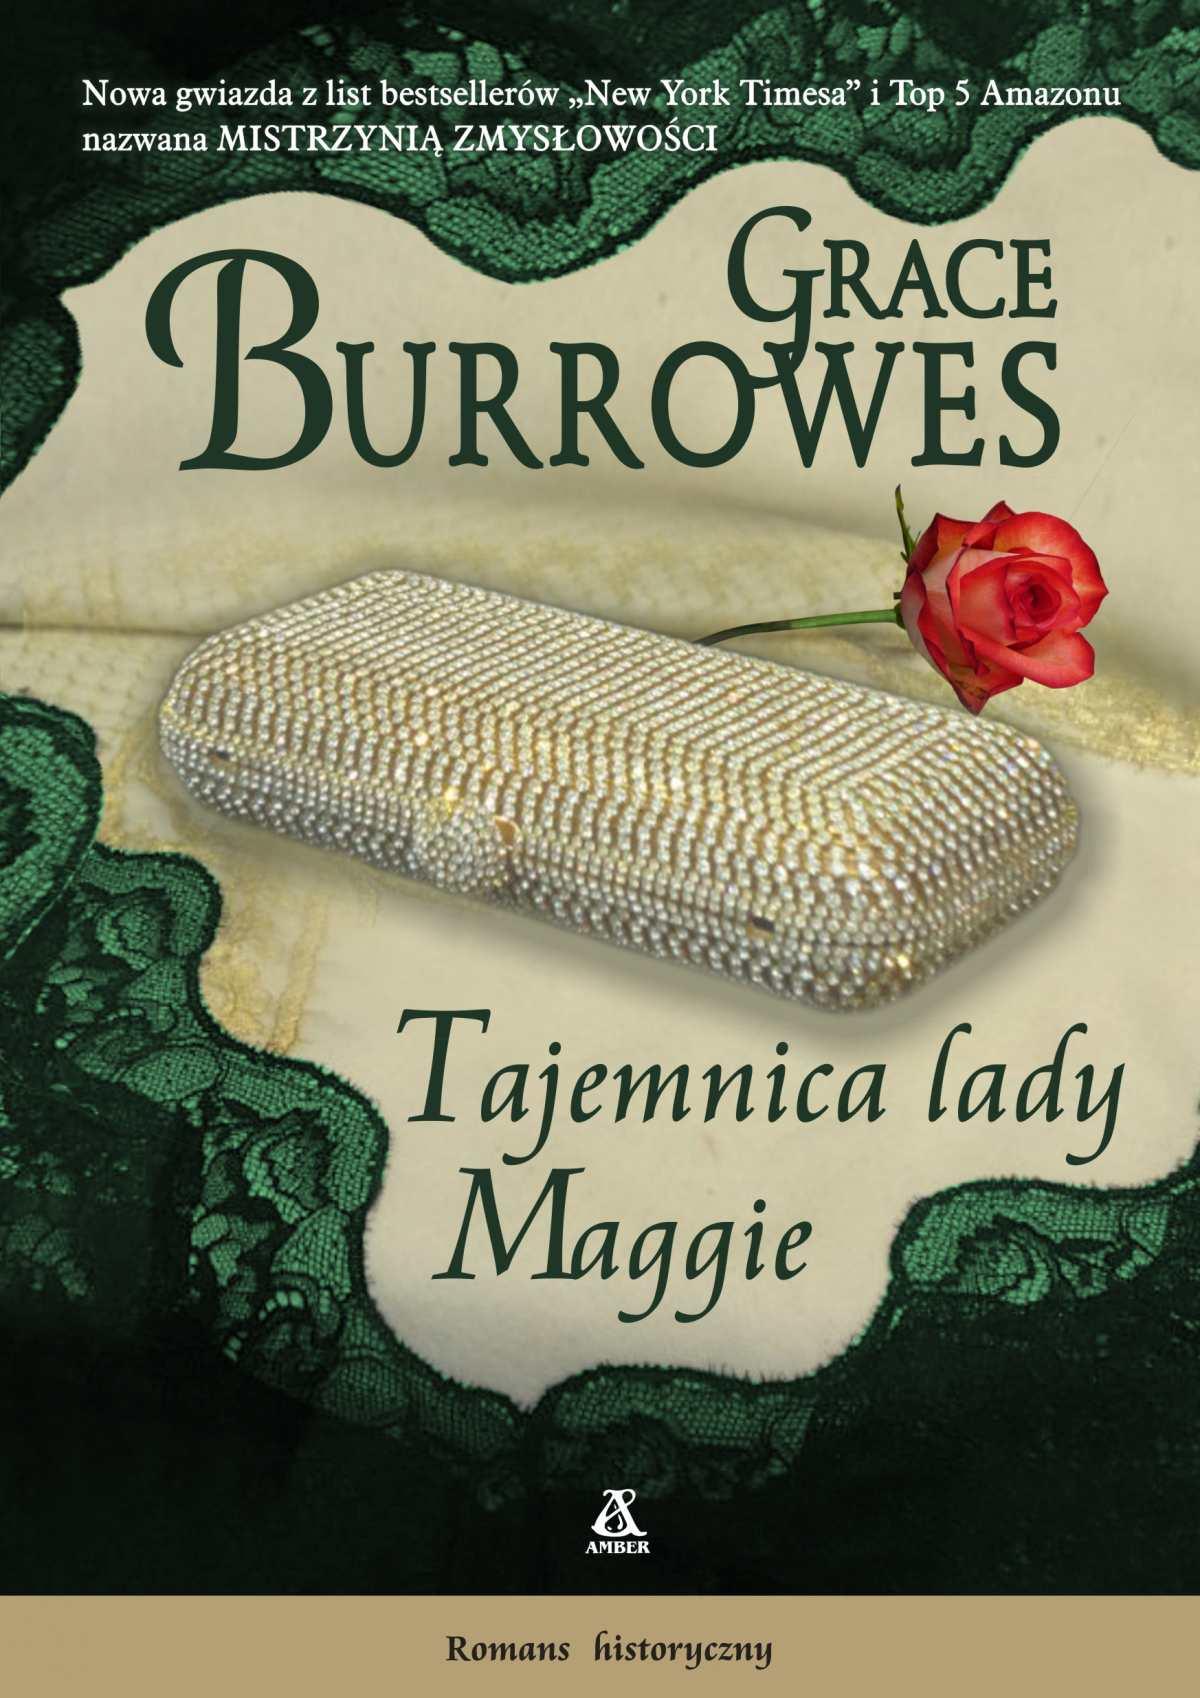 Tajemnica lady Maggie - Tylko w Legimi możesz przeczytać ten tytuł przez 7 dni za darmo. - Grace Burrowes